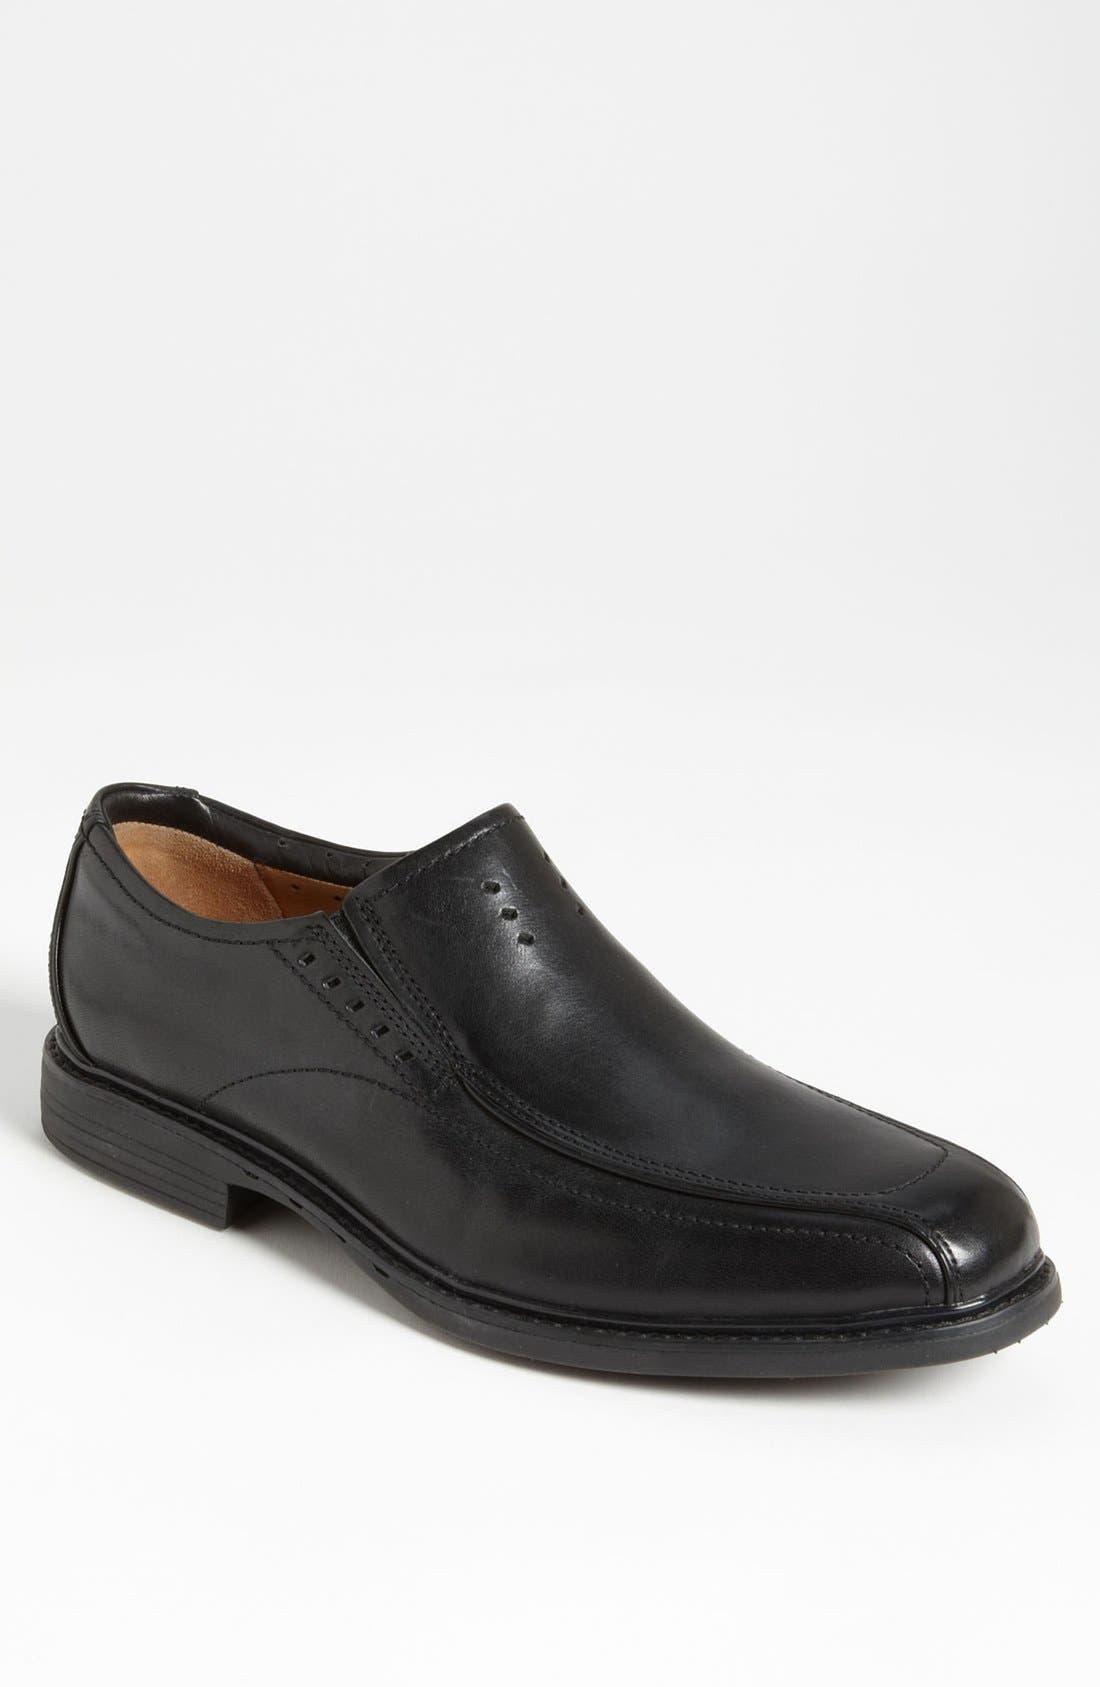 Main Image - Clarks® 'Un.Anders' Venetian Loafer   (Men)